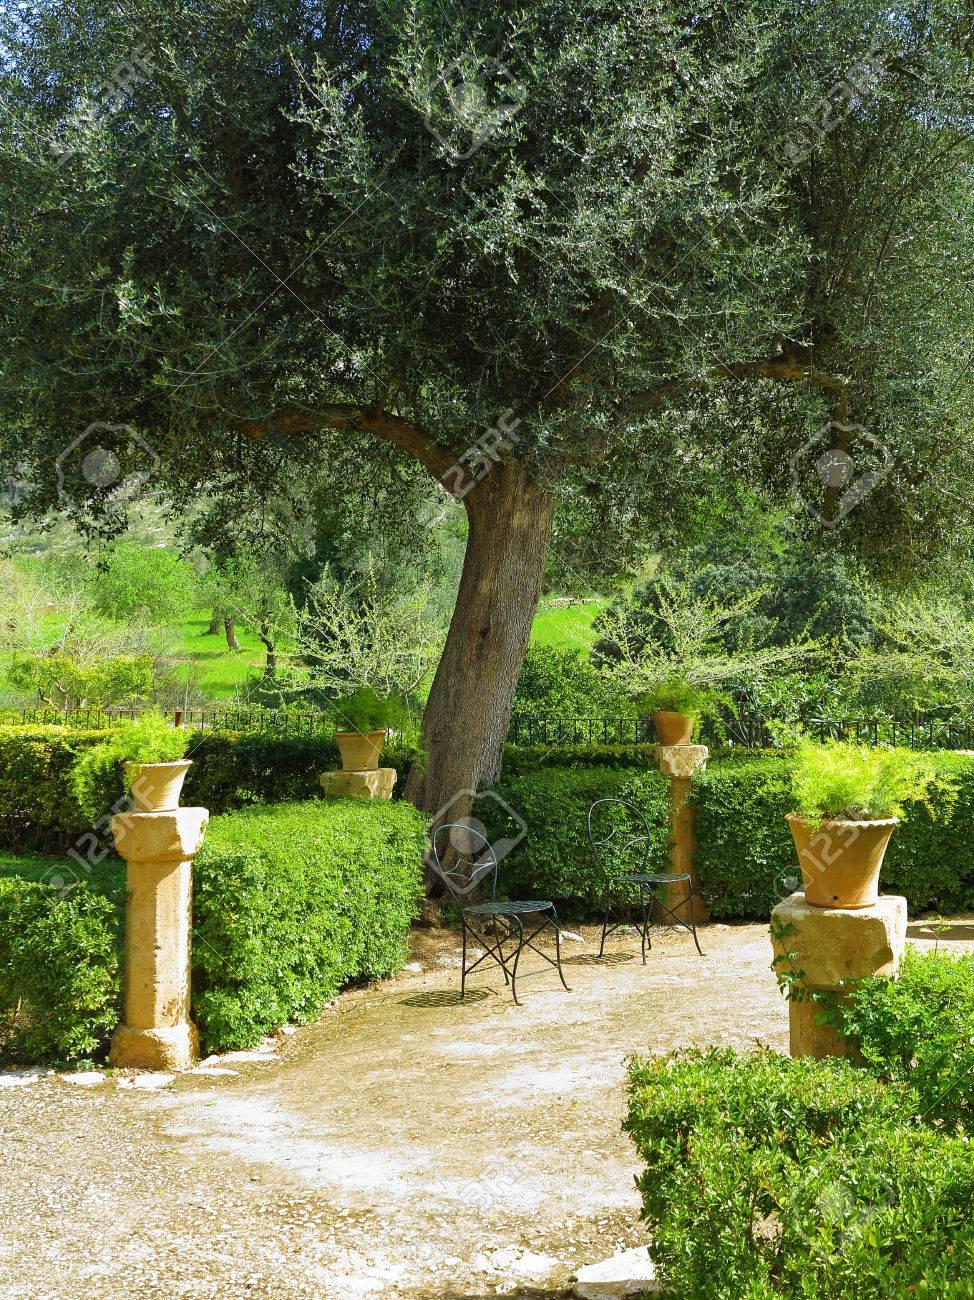 Jardin méditerranéen idyllique avec terrasse, chaises et olivier